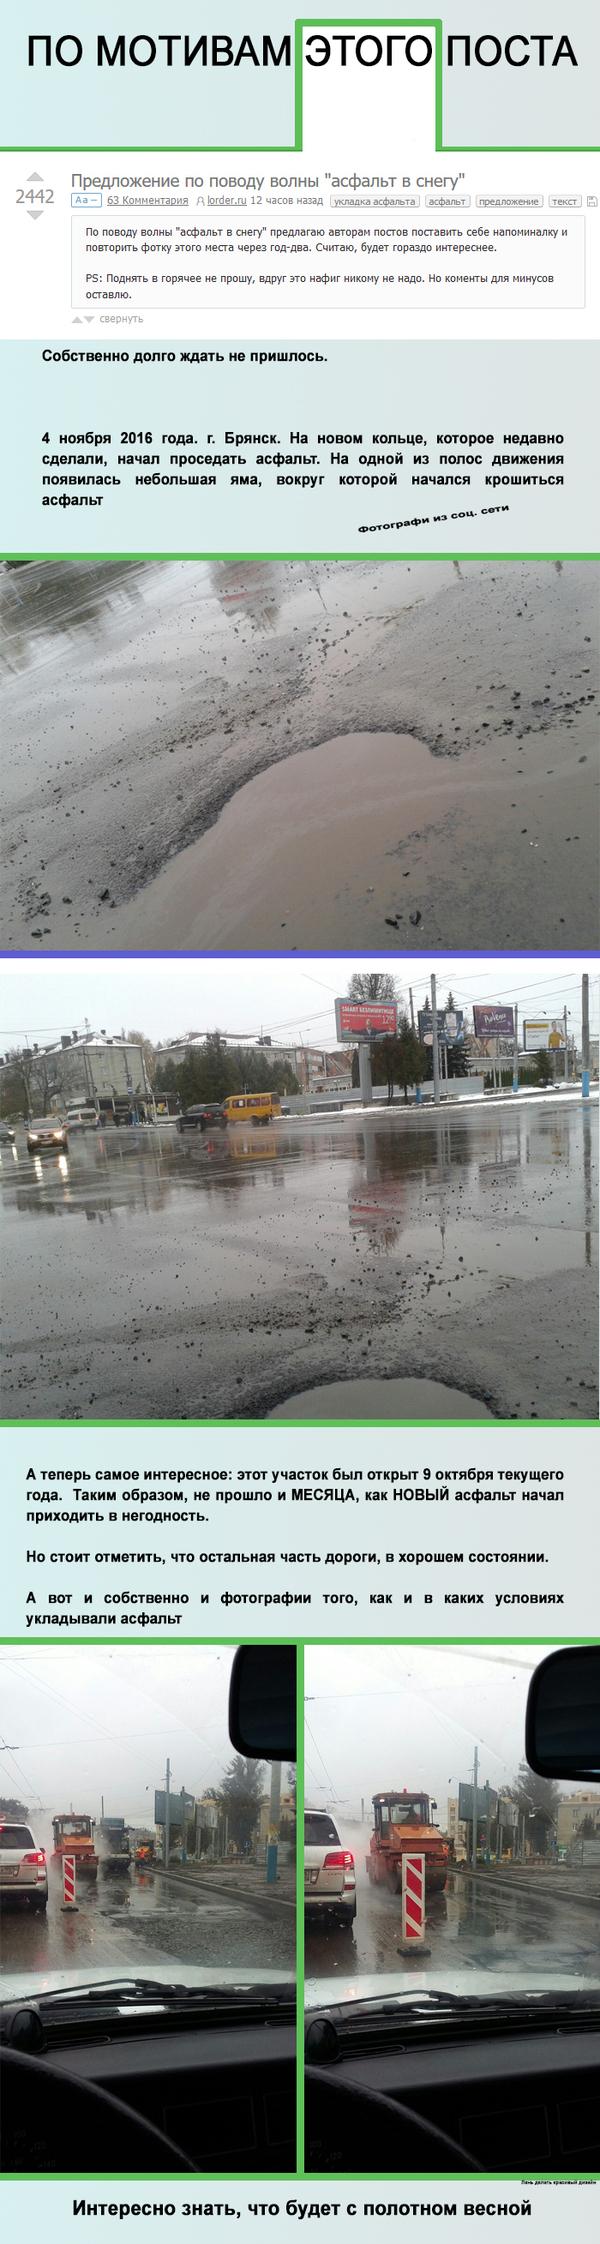 Срок годности : 1 месяц Асфальт, Брянск, Дорожные рабочие, Погода, Укладка асфальта, Длиннопост